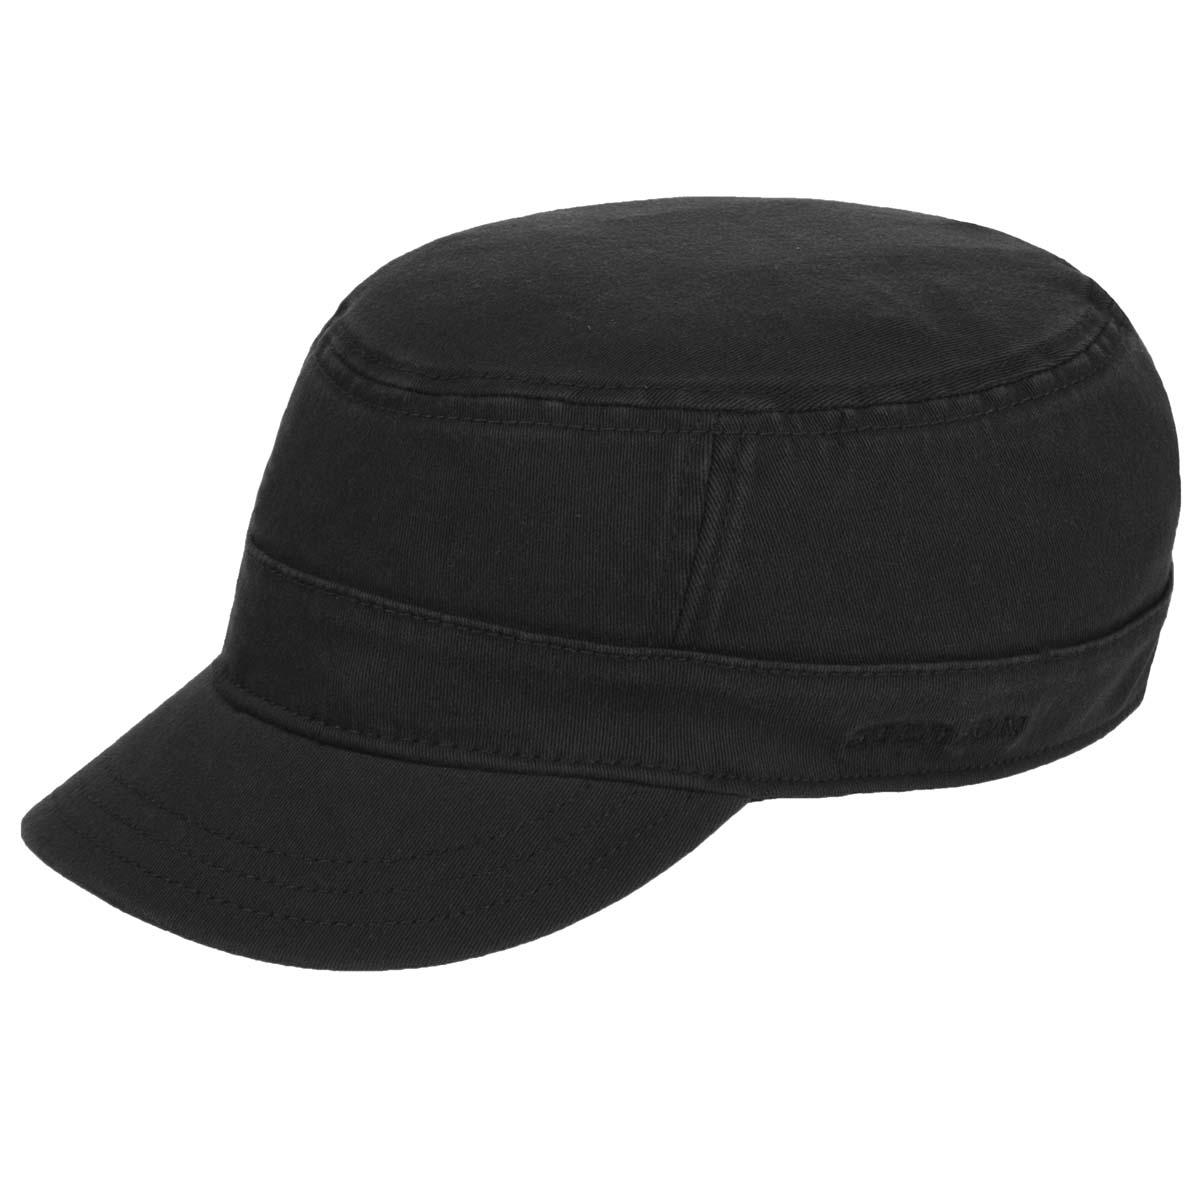 376b0955 Cap signed Stetson Cuba-cap style